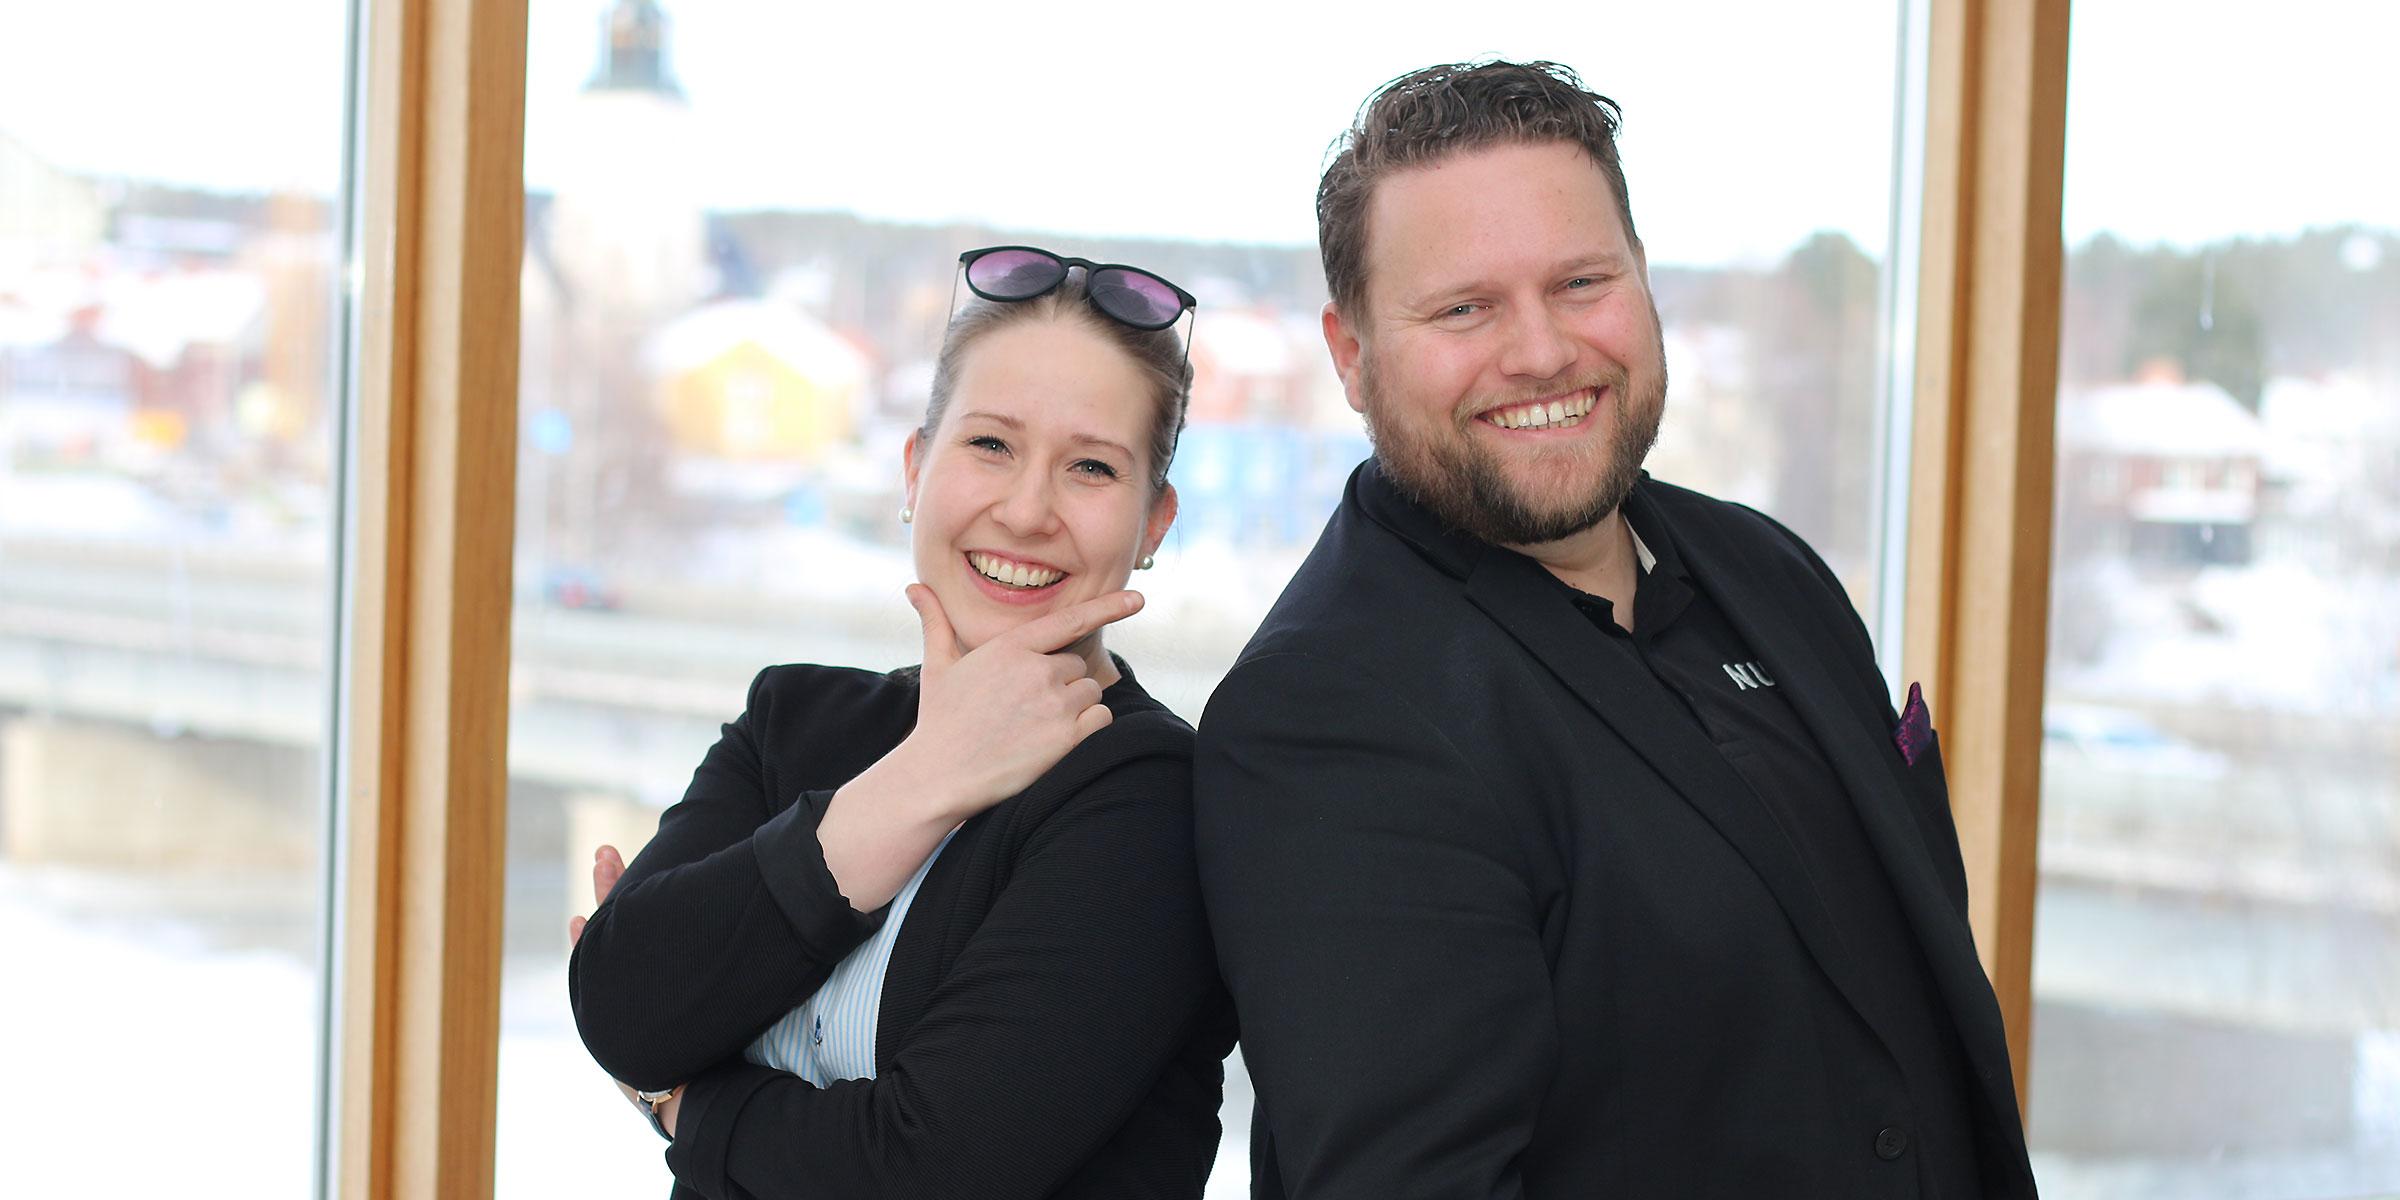 För Meiju Vartiainen och Harry van der Veen handlar pay it forward-kulturen inom startup-världen om att dela med sig av sina erfarenheter och sin tid. Att ställa upp utan någon baktanke om att få tillbaka.